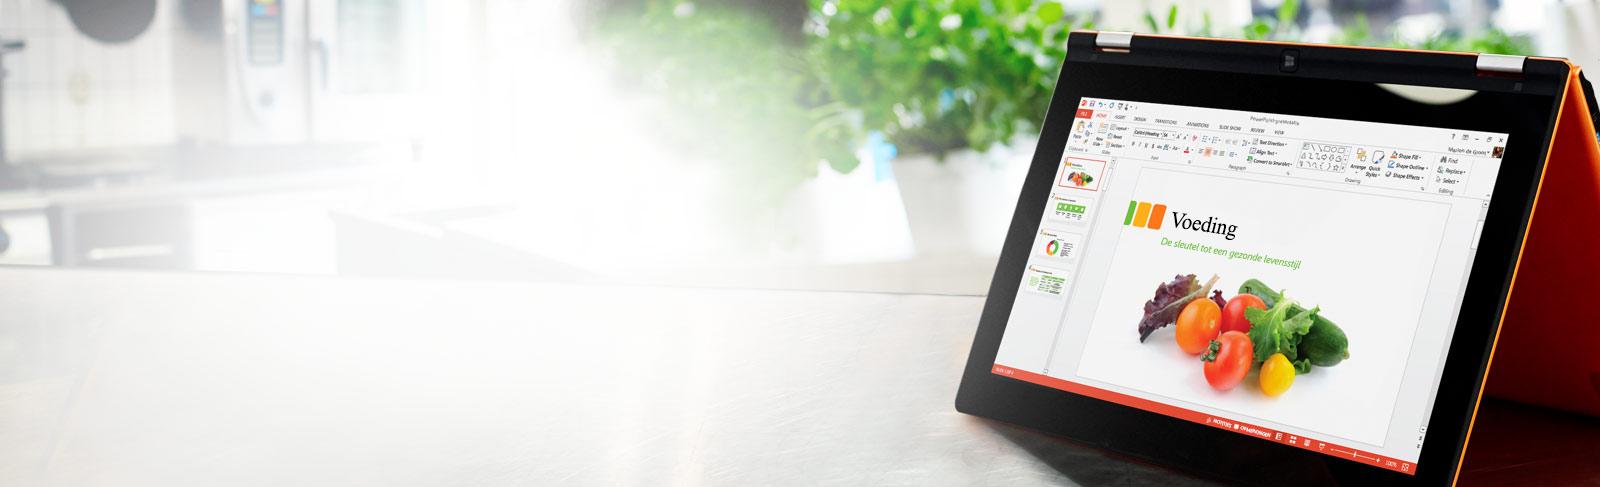 Tablet met PowerPoint-dia met navigatiebalk en lint.